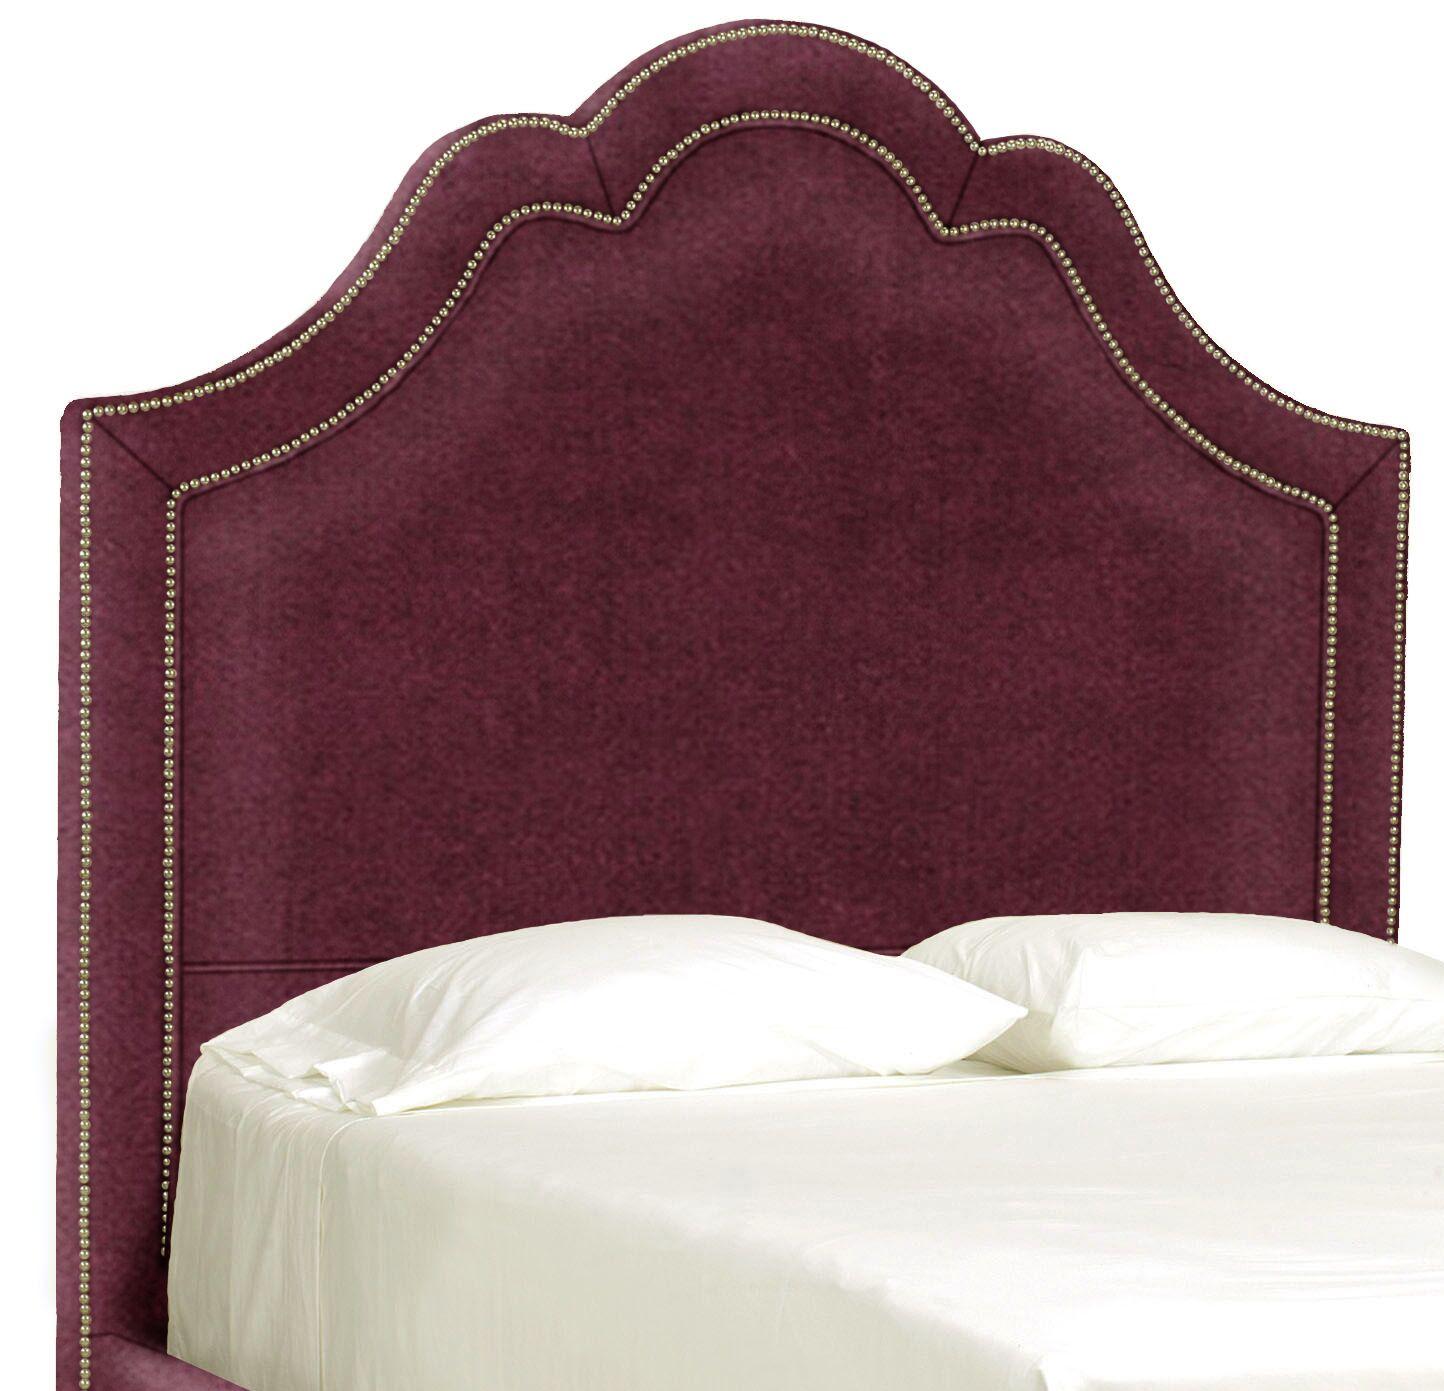 Dreamtime Upholstered Panel Headboard Size: Full, Upholstery: Merlot